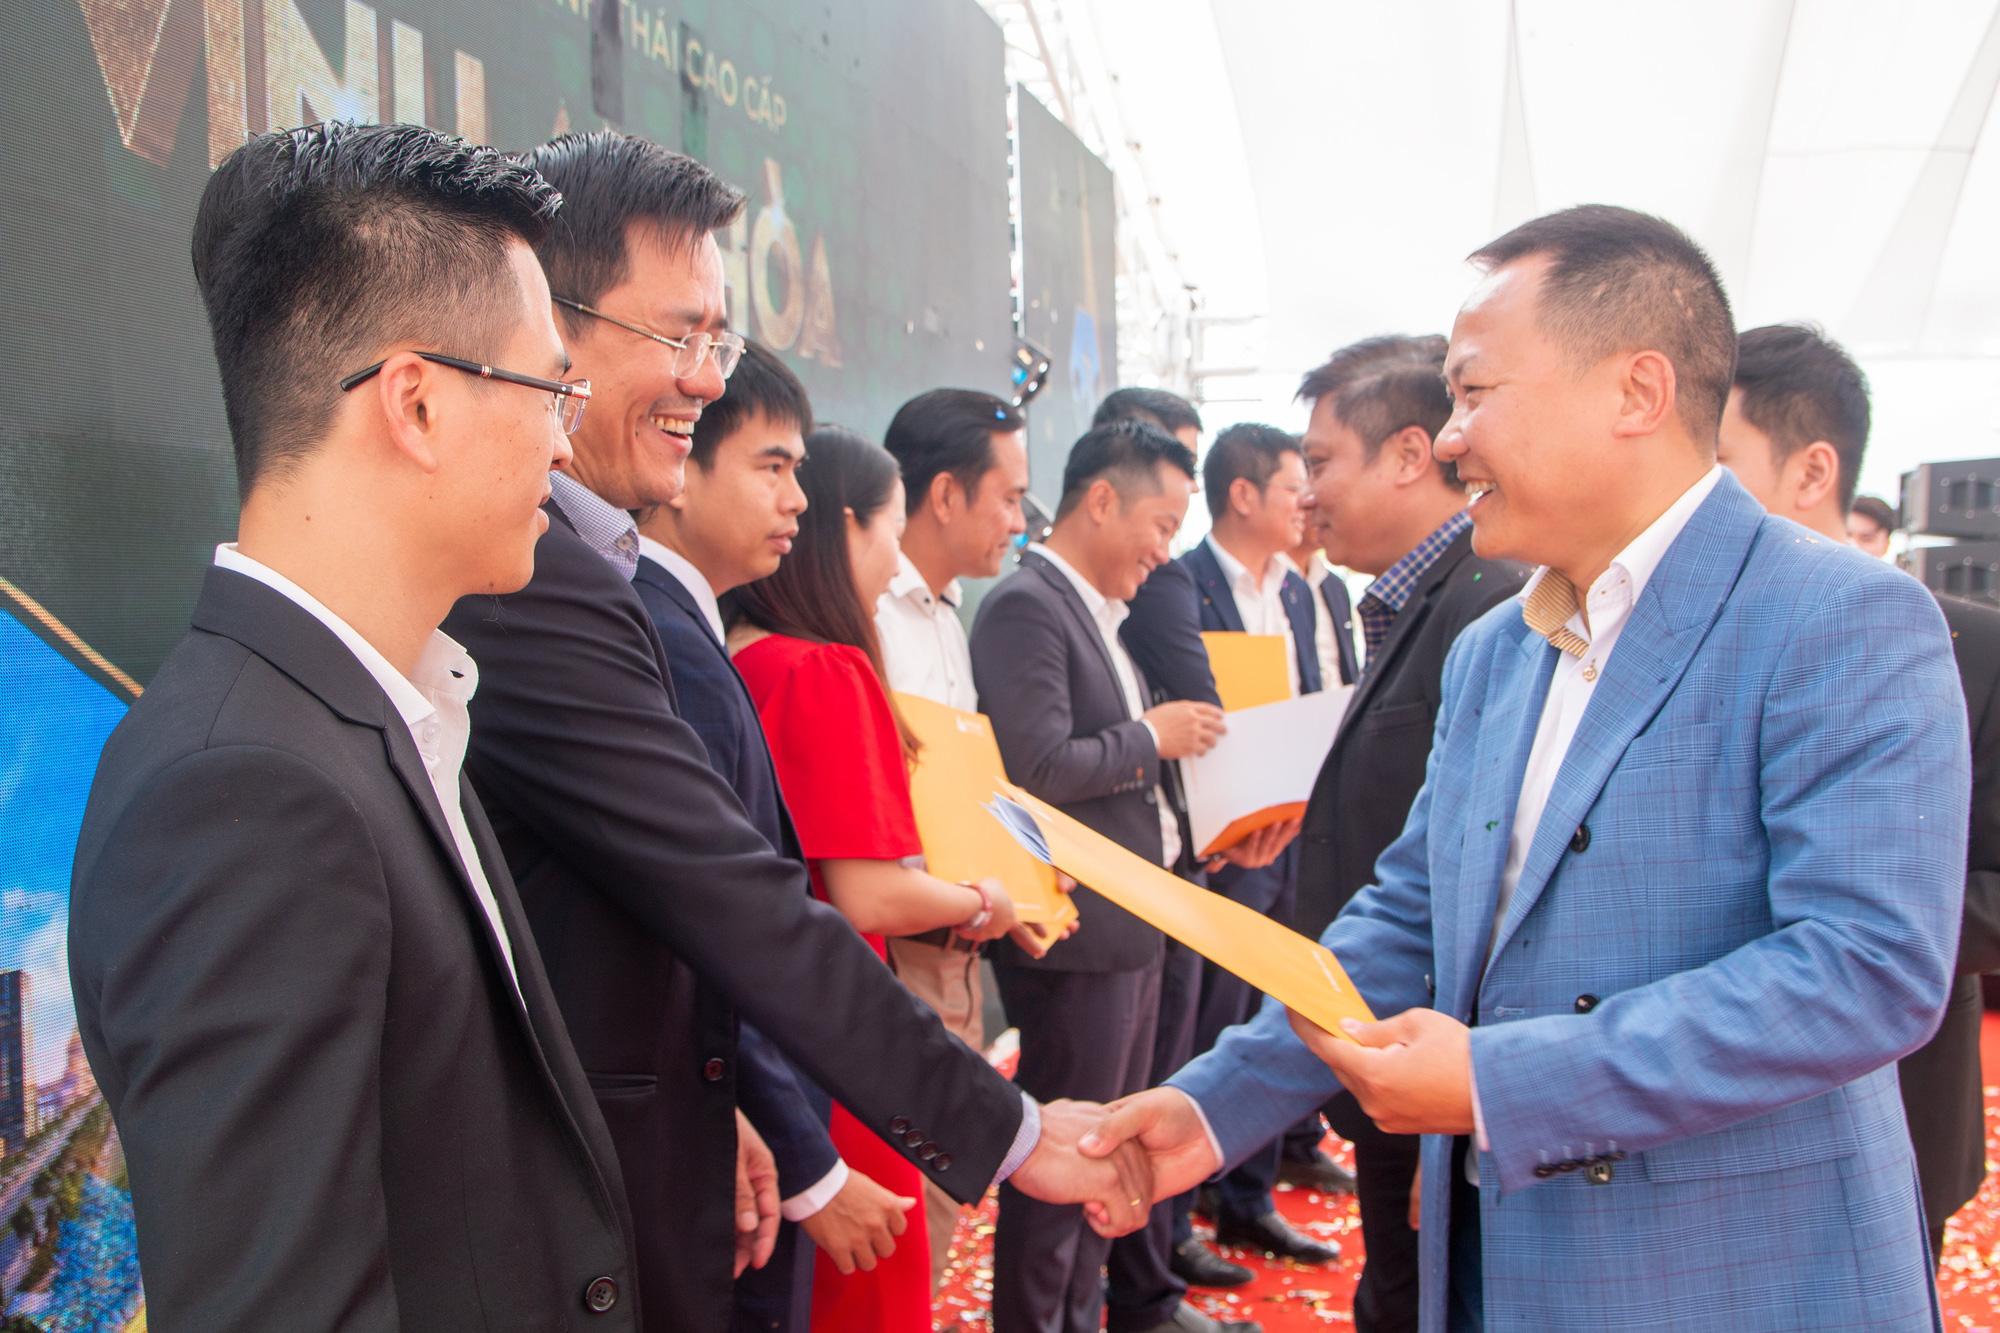 Tập đoàn FVG chính thức ra mắt nhà đầu tư dự án Vịnh An Hòa - Ảnh 5.